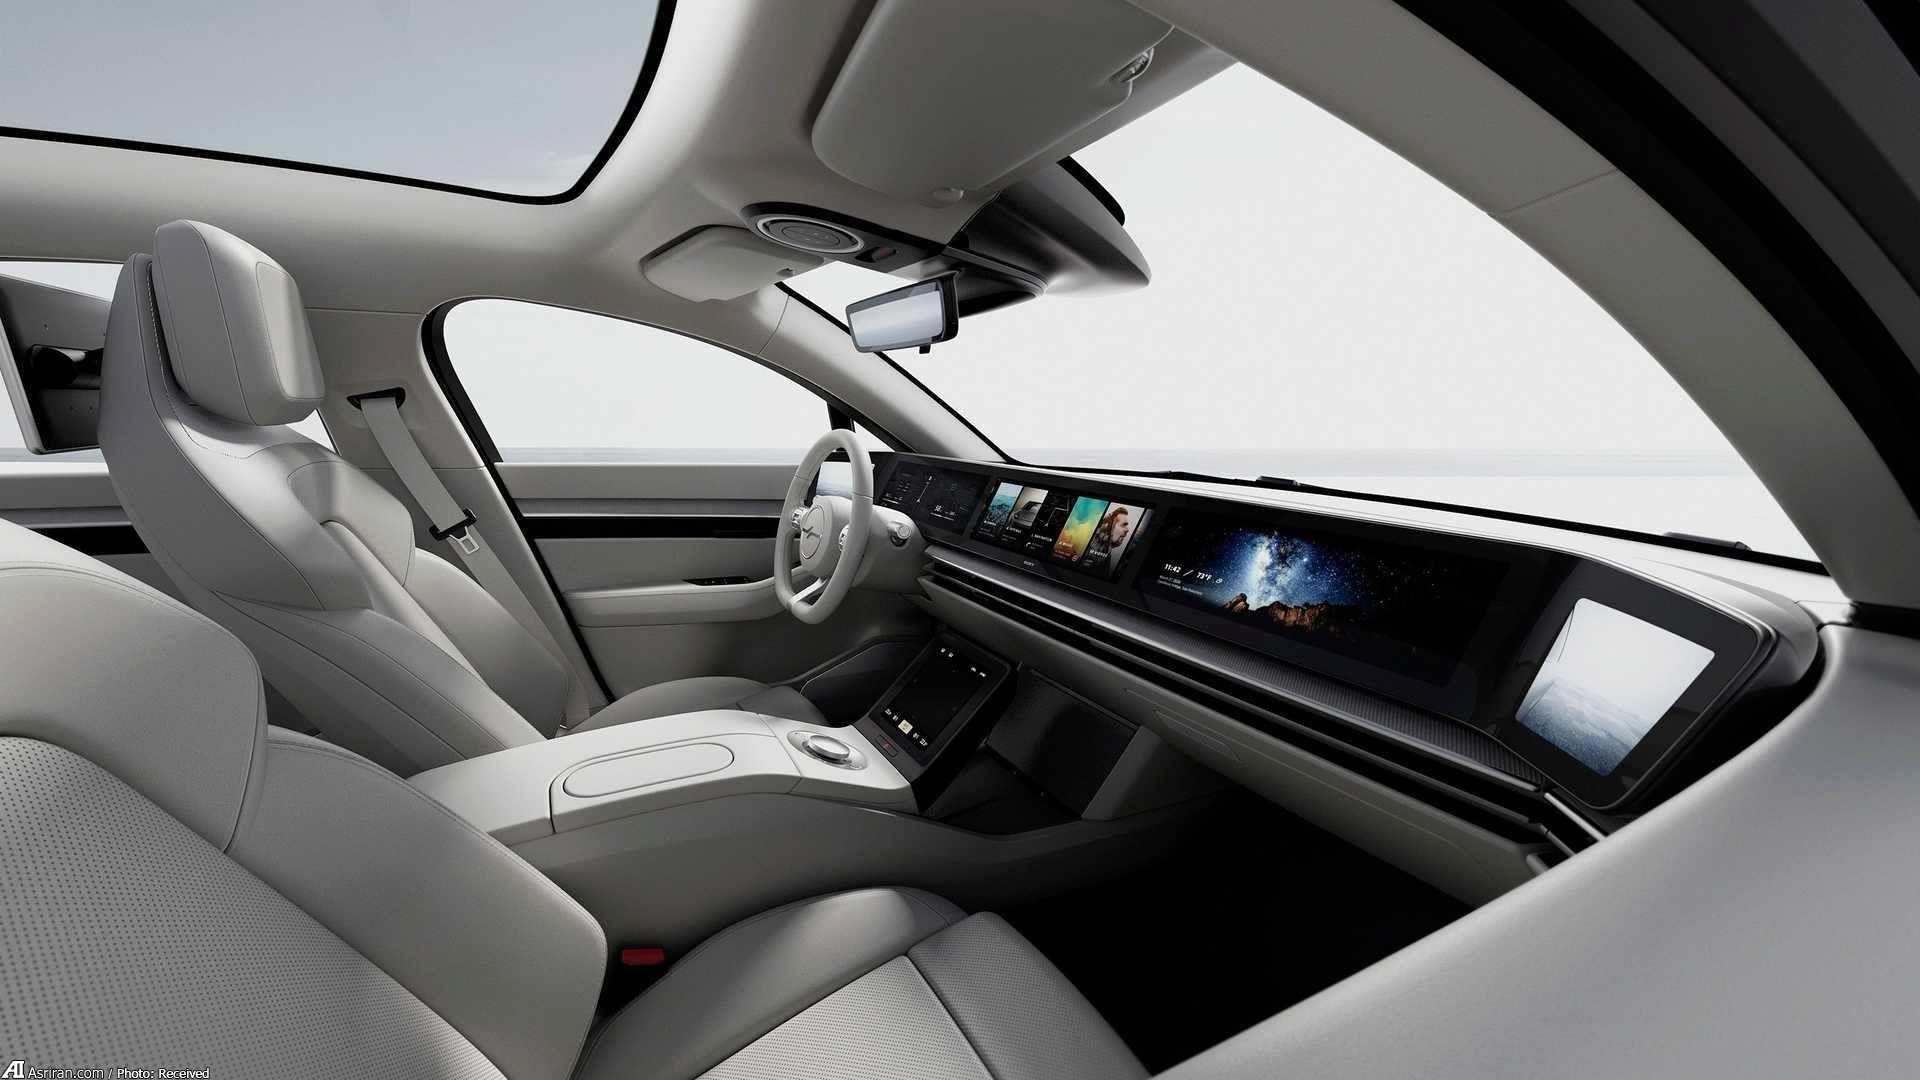 خودروی سونی تولید نمی شود؛ غول ژاپنی برنامه ای برای ورود به صنعت خودروسازی ندارد